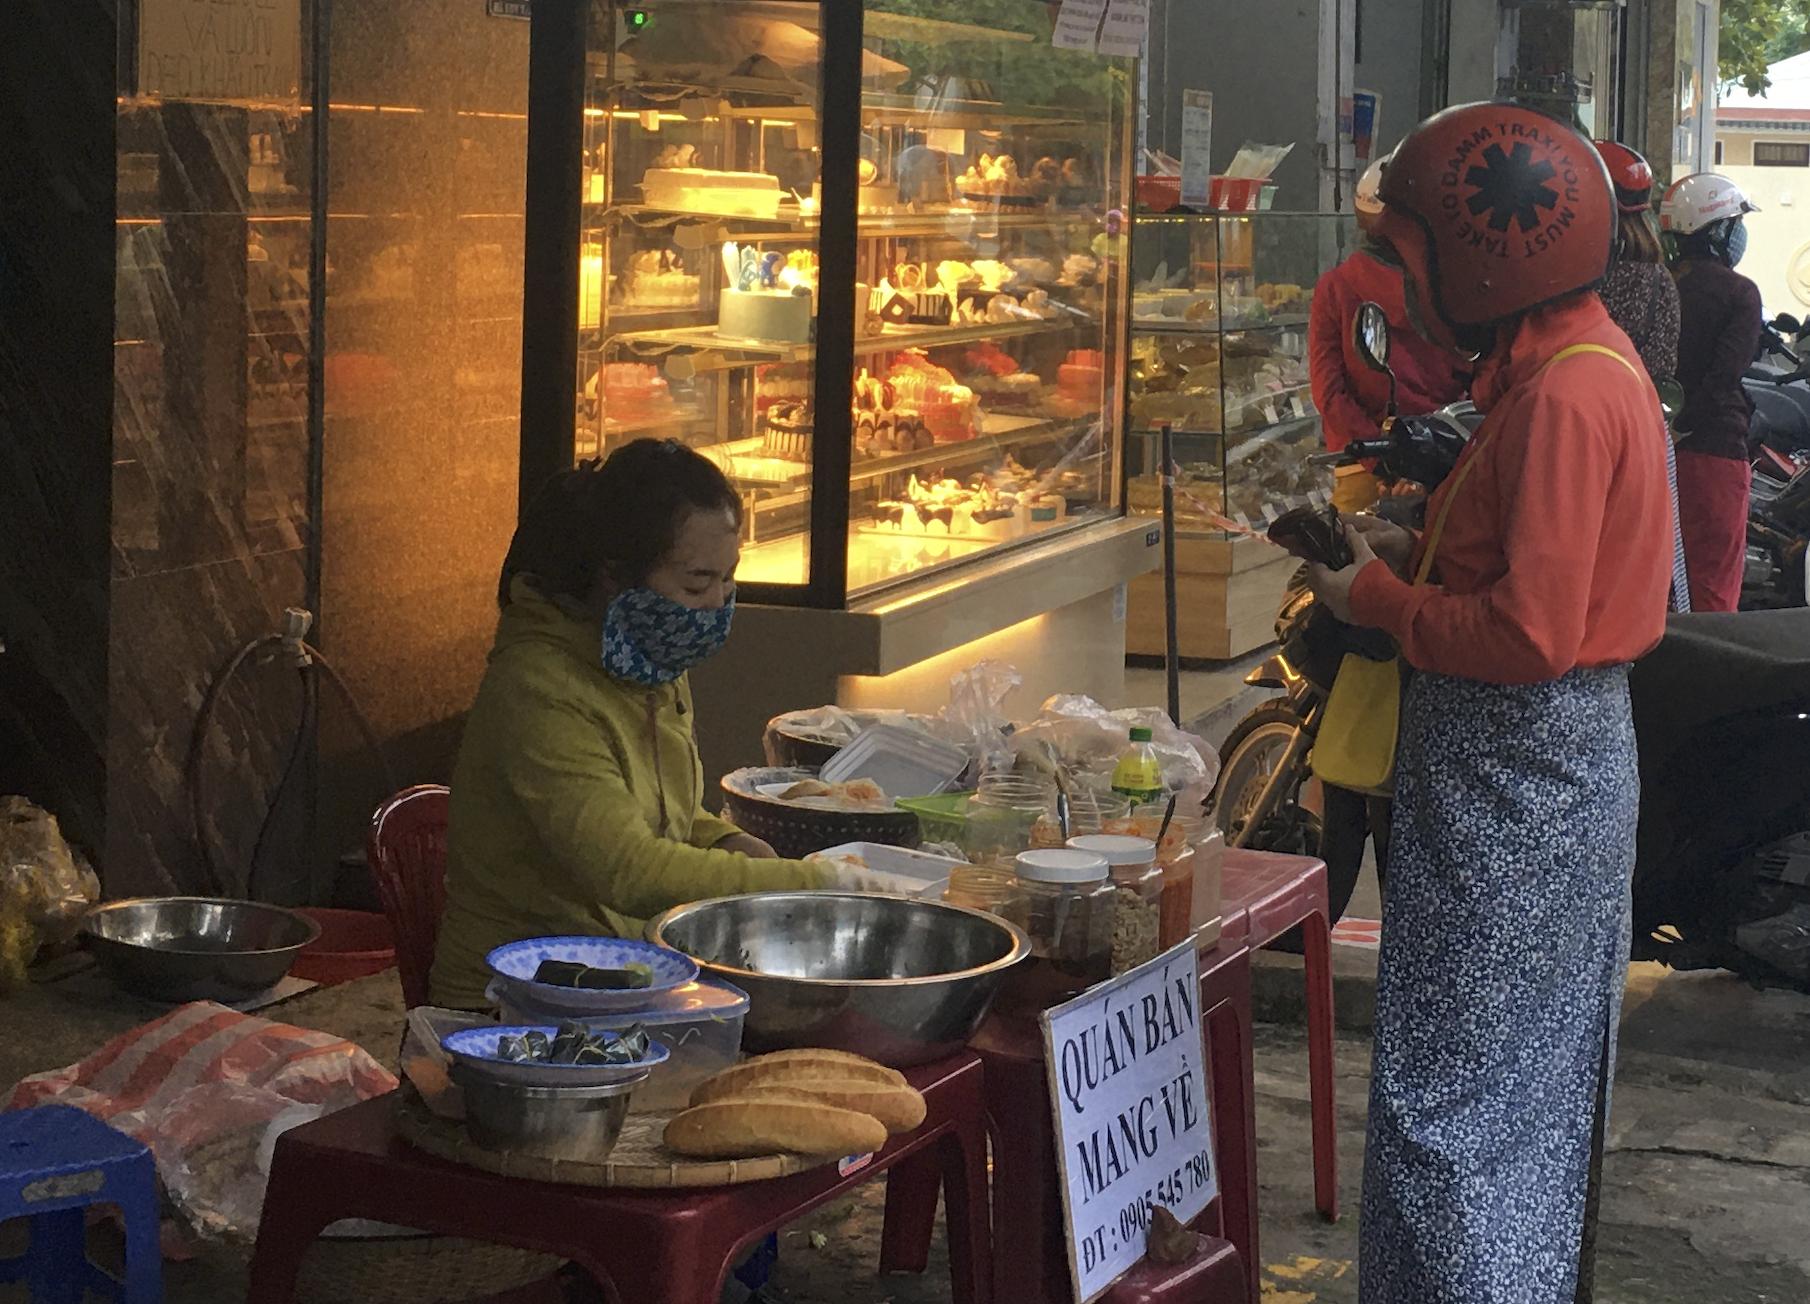 Người Đà Nẵng đi siêu thị mua về nấu ăn dù chính quyền đã cho hàng quán bán online, mang về nhà - Ảnh 2.